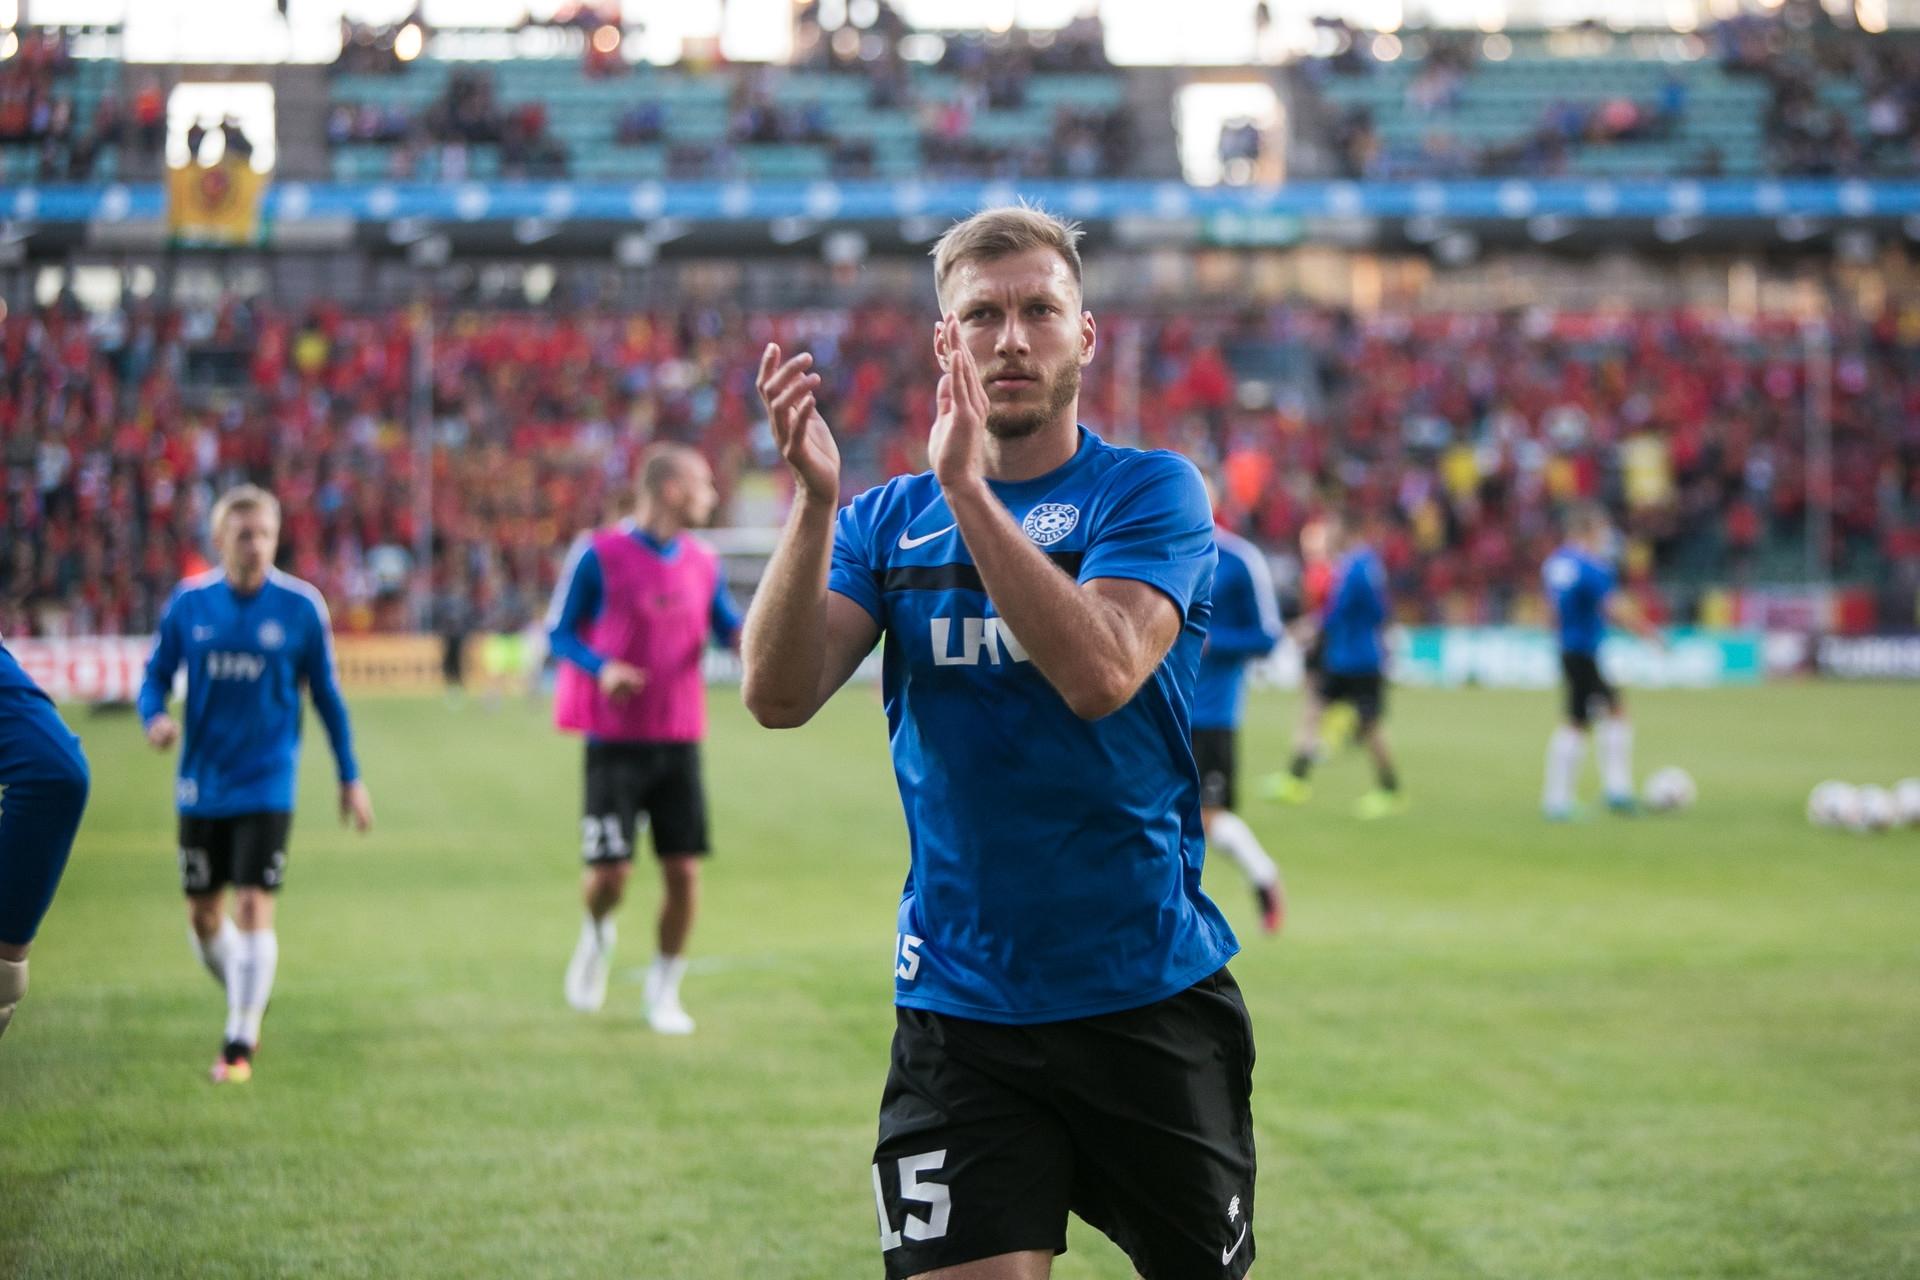 1eecabc6d0c Eesti koondise kapten Ragnar Klavan sai aasta meessportlase valimisel  rahvahääletusel kolmanda koha. Kokkuvõttes oli Klavan meessportlase  valimisel viies.